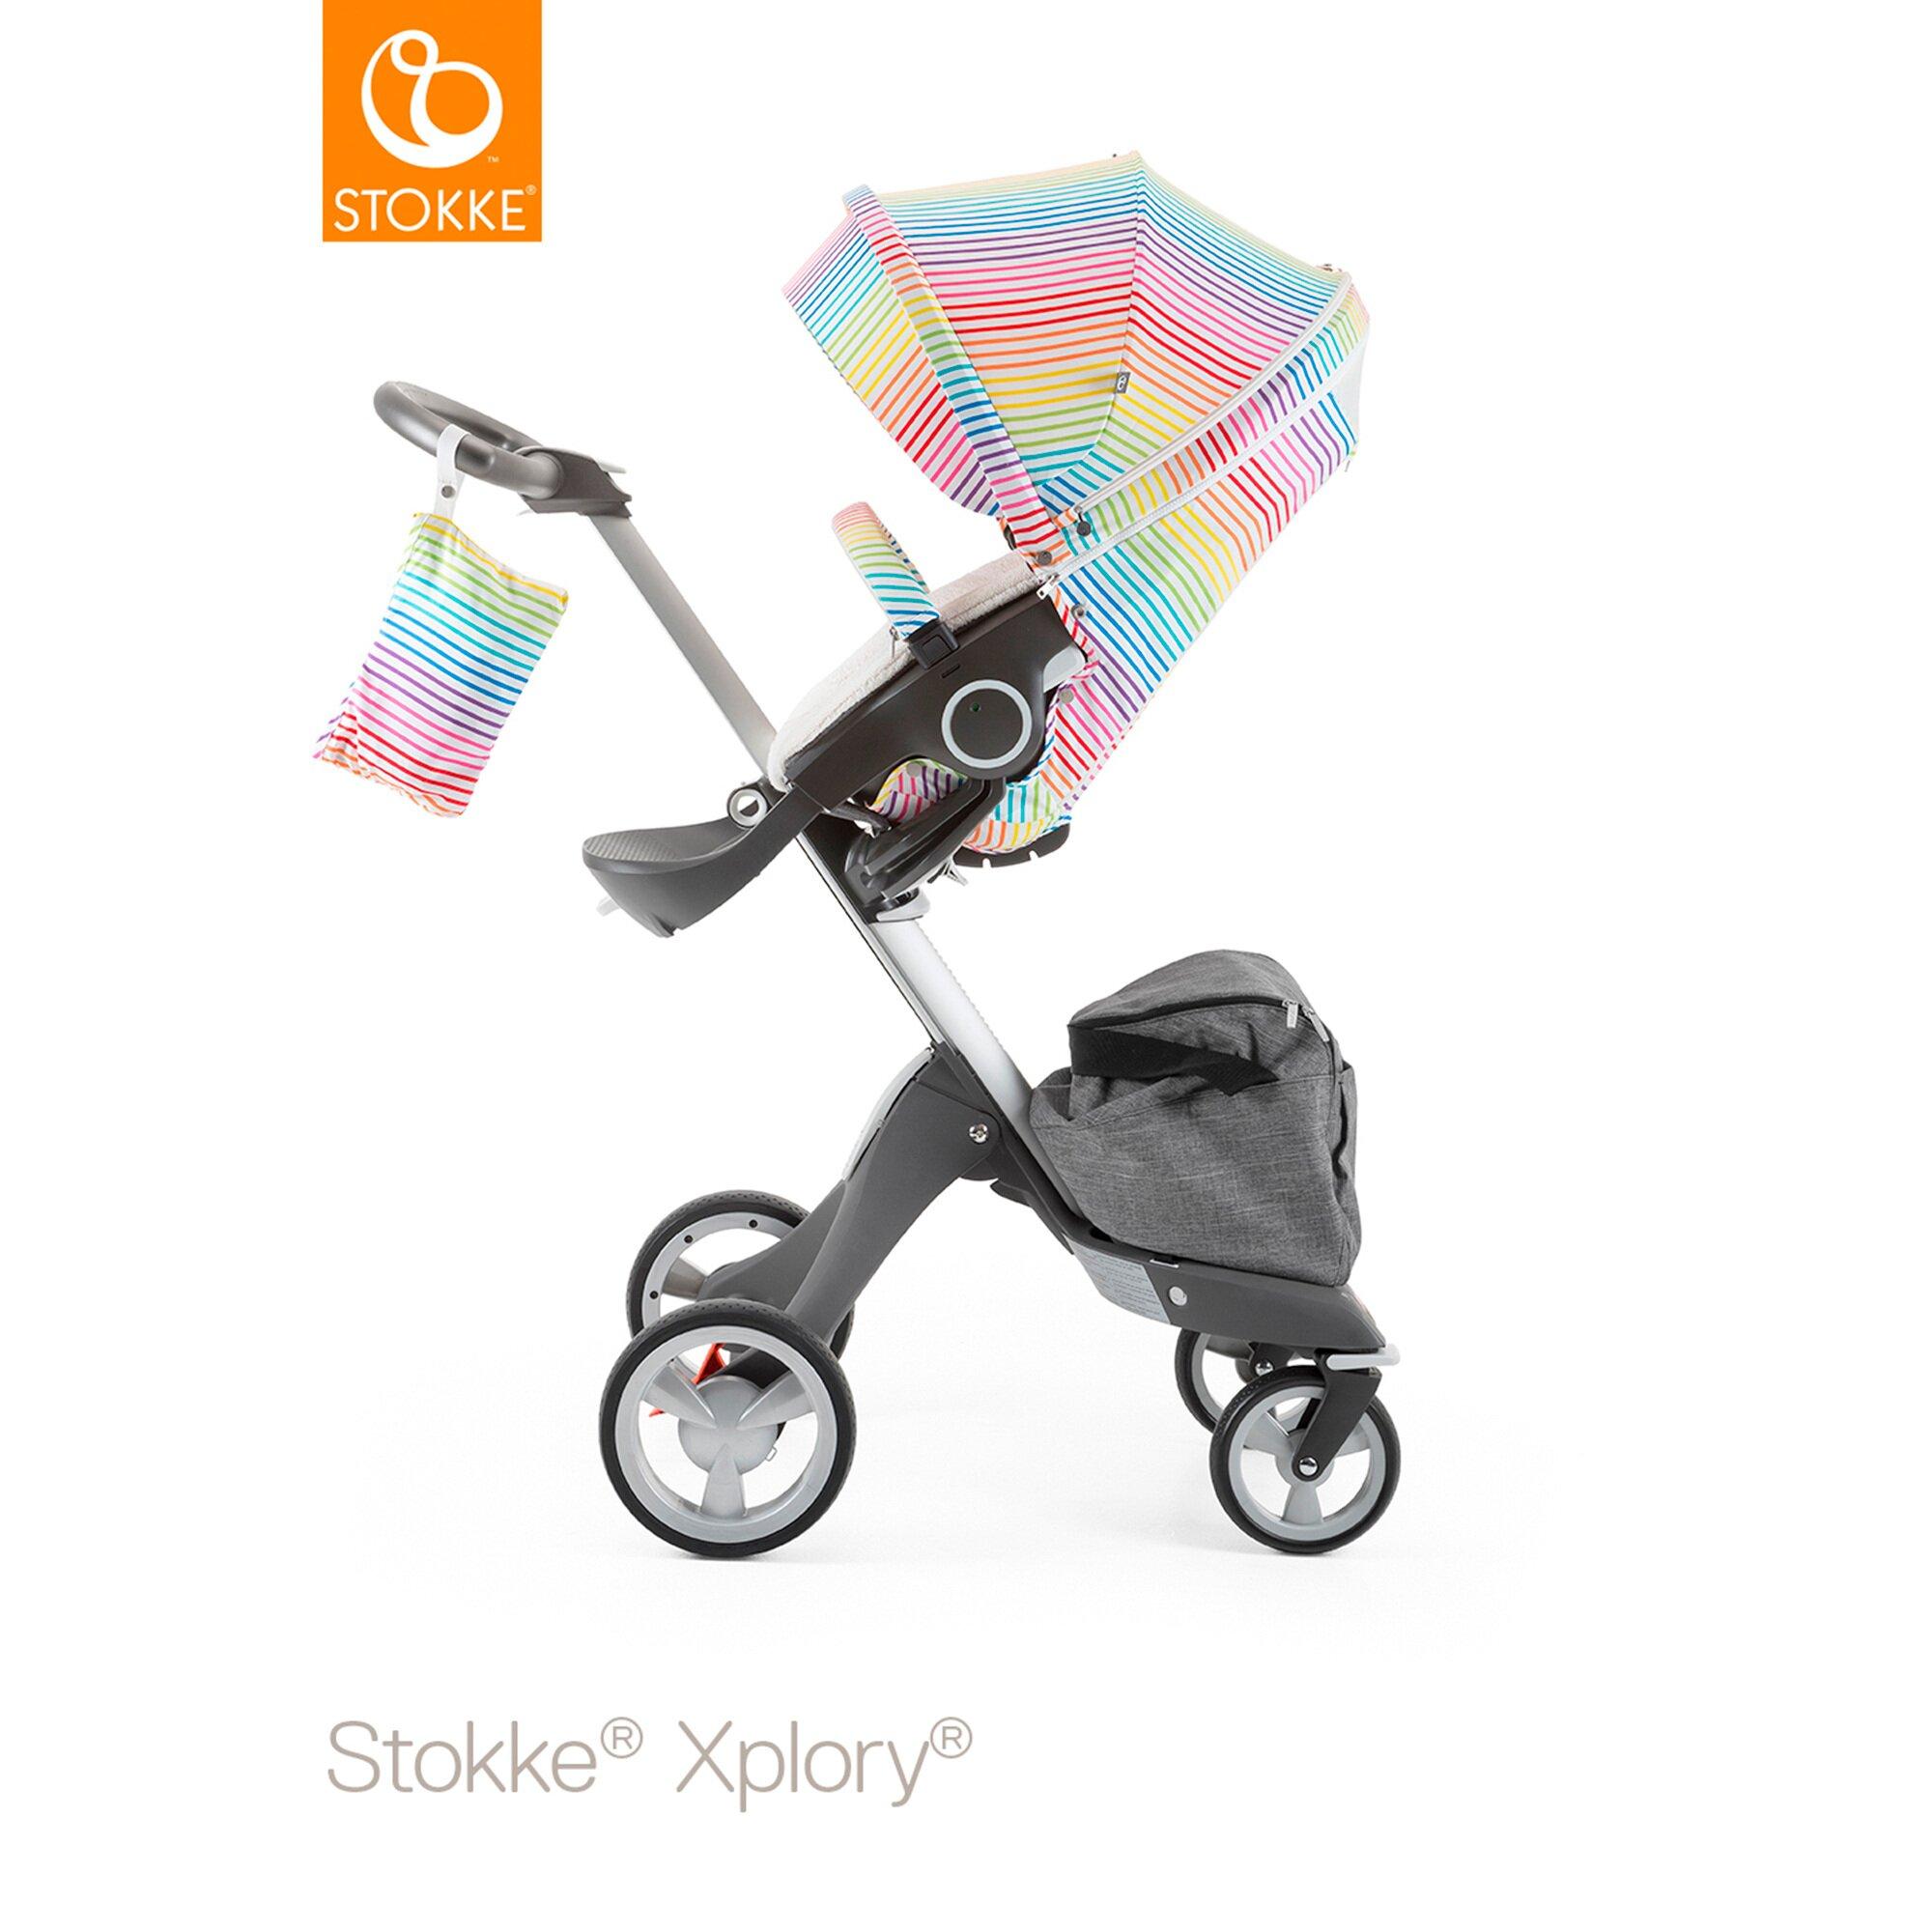 stokke-summer-kit-mit-sonnensegel-sonnenverdeck-sitzabdeckung-und-sicherheitsbugelbezug-fur-xplory-crusi-trailz-mehrfarbig